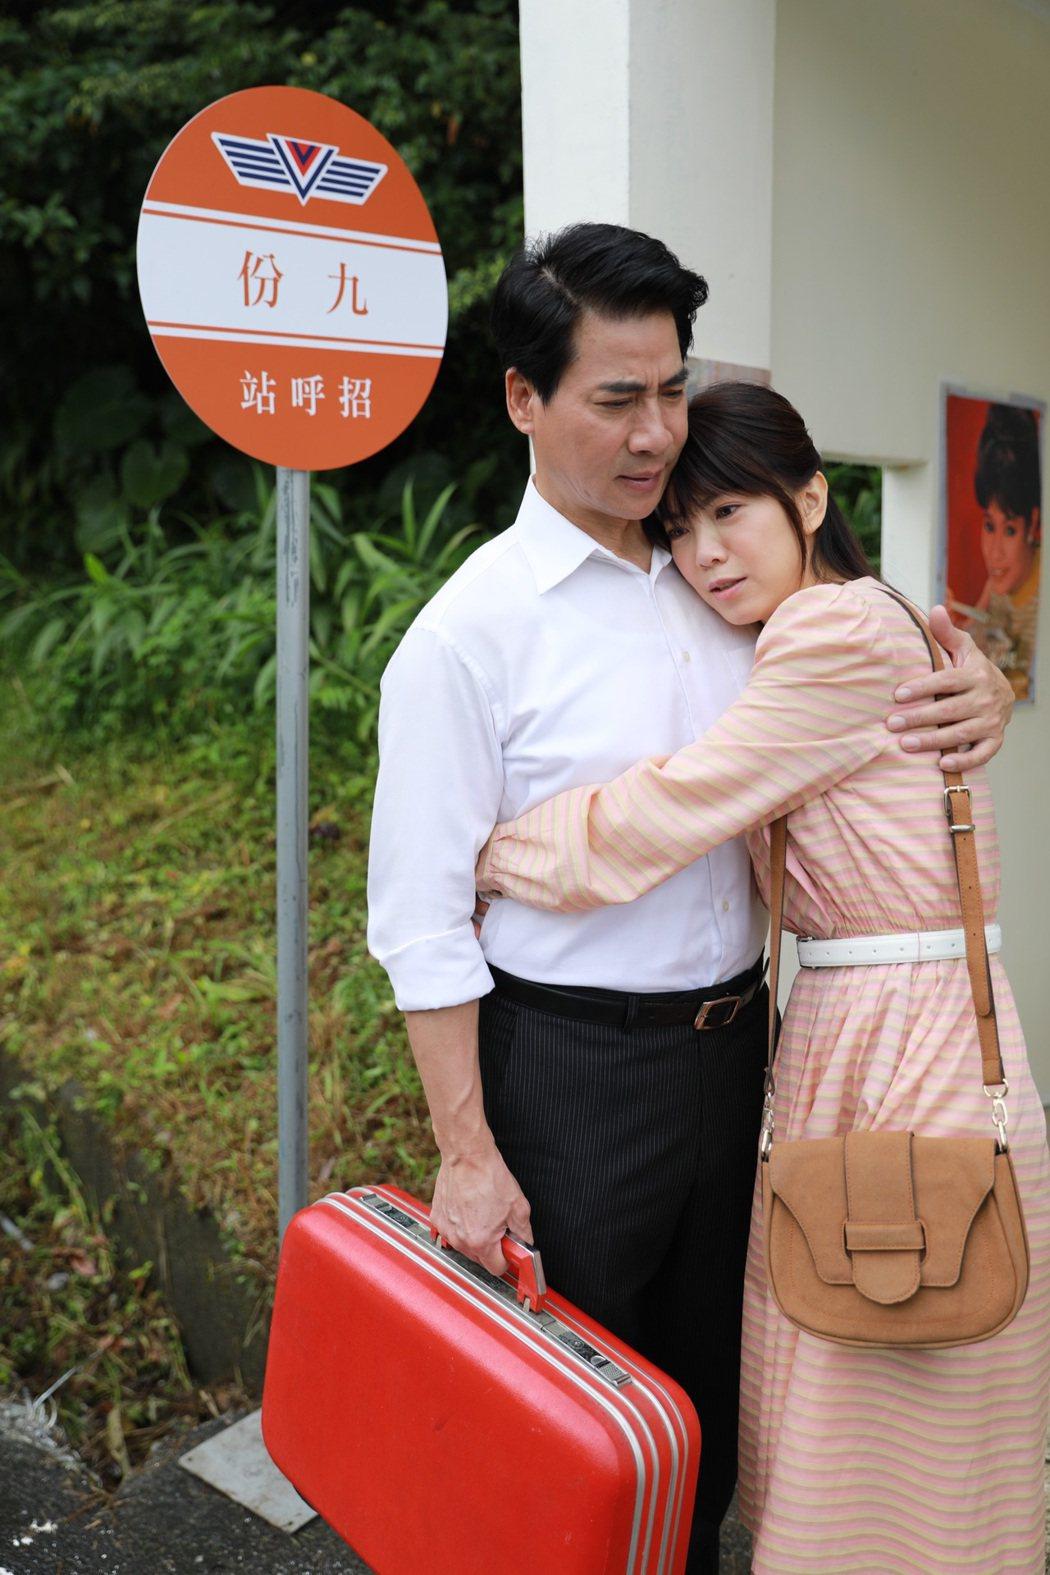 翁家明(左)在「多情城市」中,將愛女廖苡喬送往他鄉,離別時離情依依。圖/民視提供